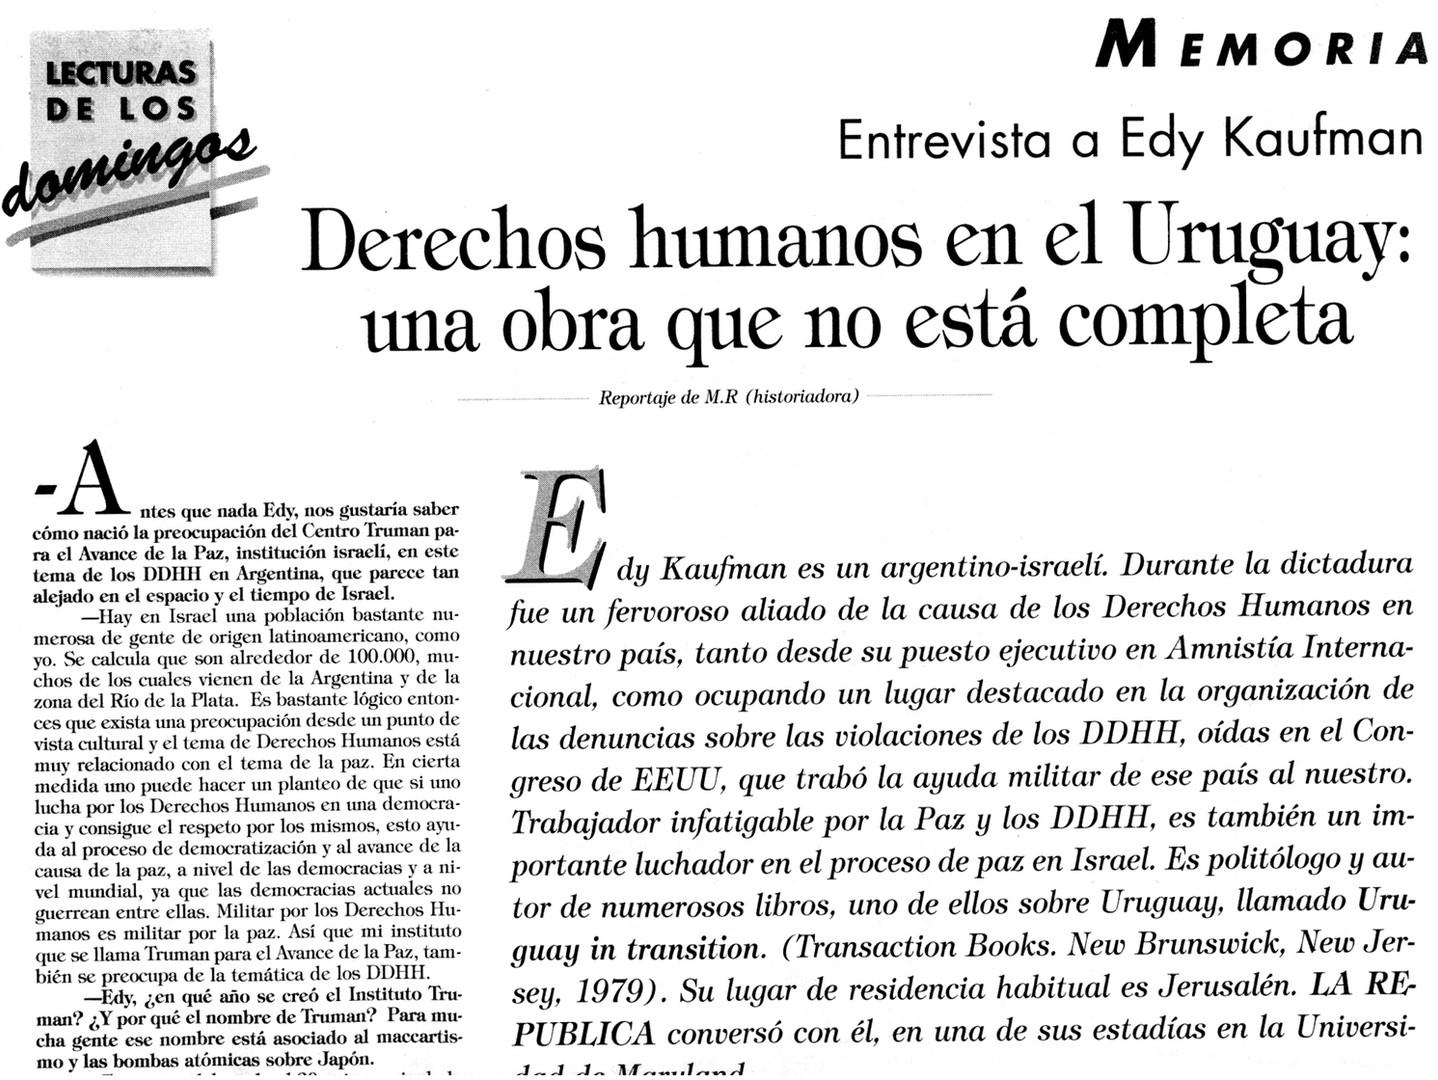 Derechos humanos en el Uruguay; una obra